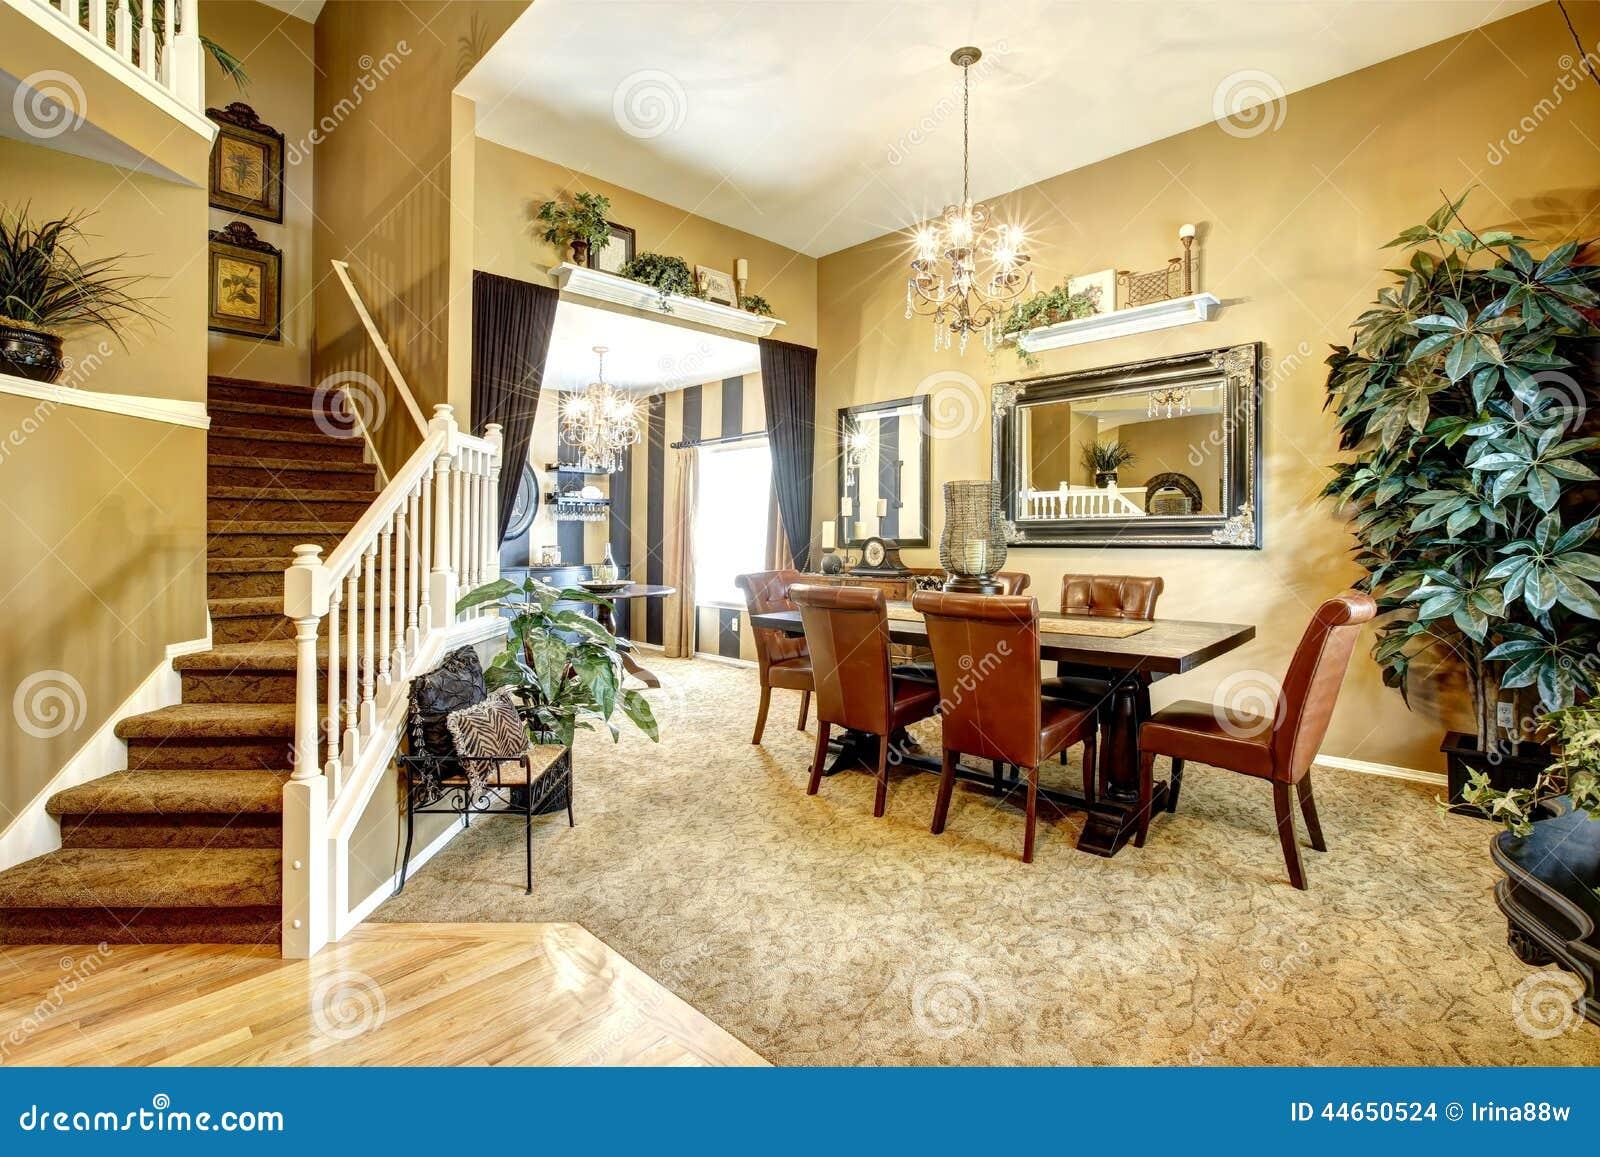 Salle manger dans la maison am ricaine de luxe photo for Dans la maison